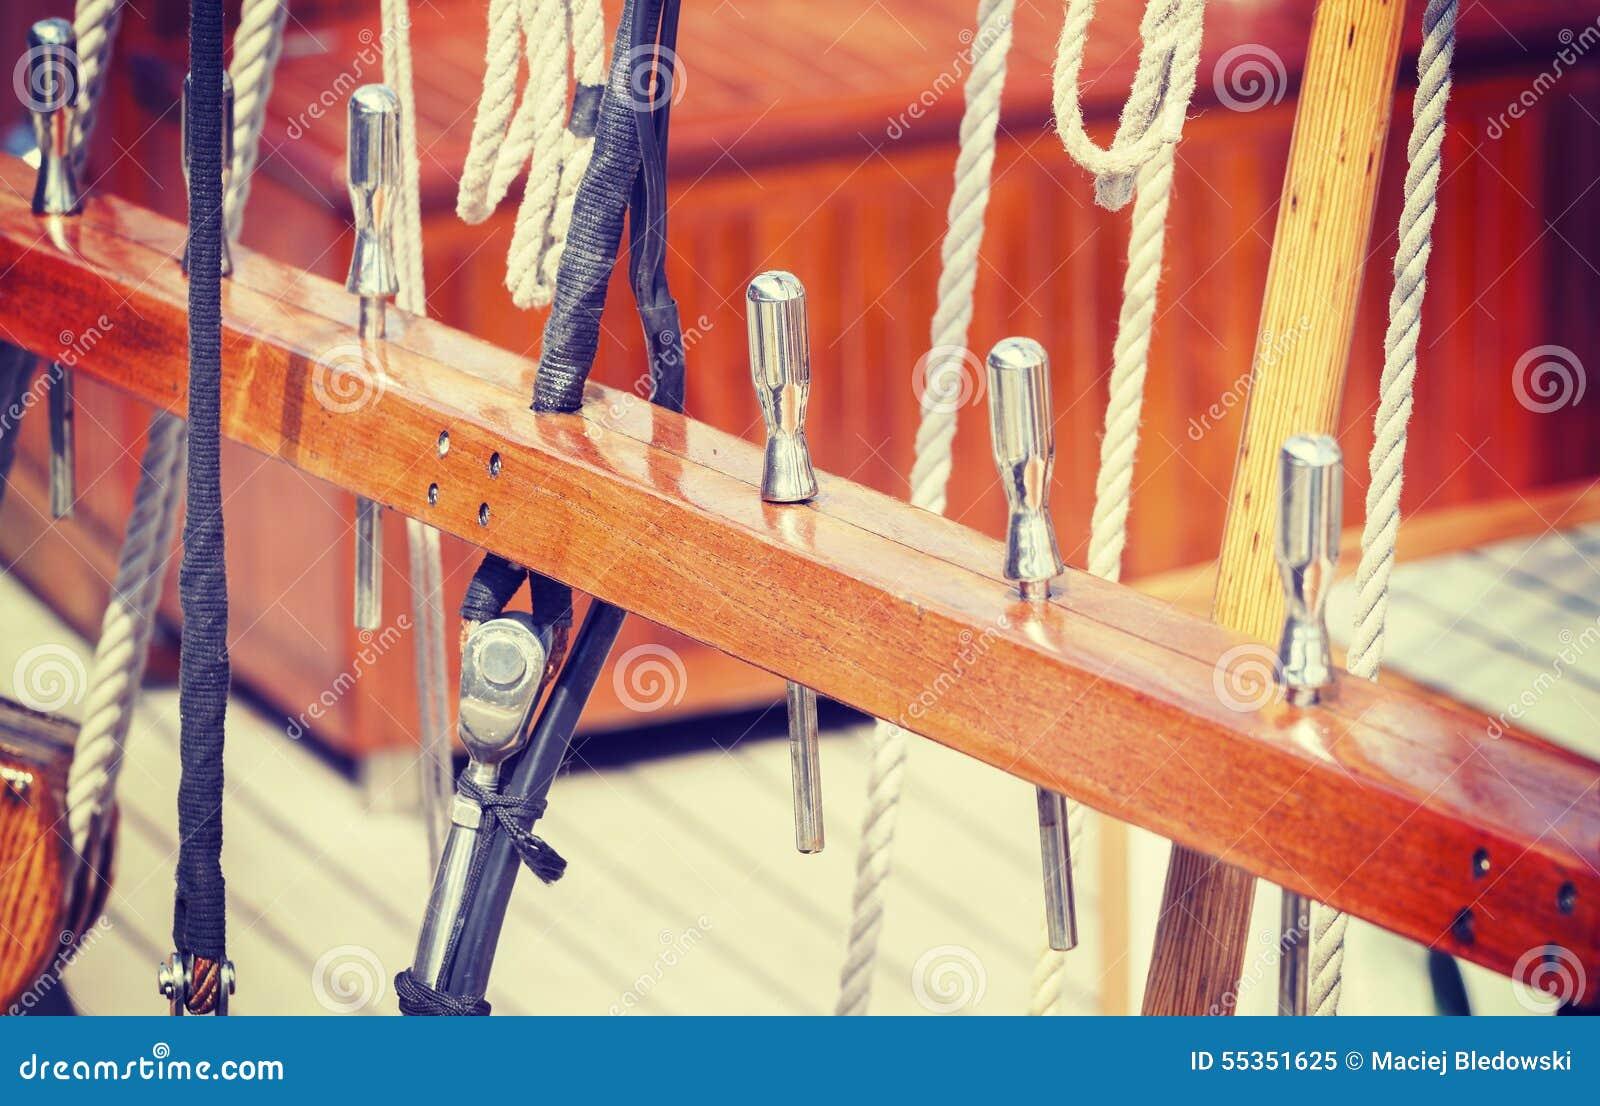 Attrezzatura di legno della nave di navigazione di retro stile